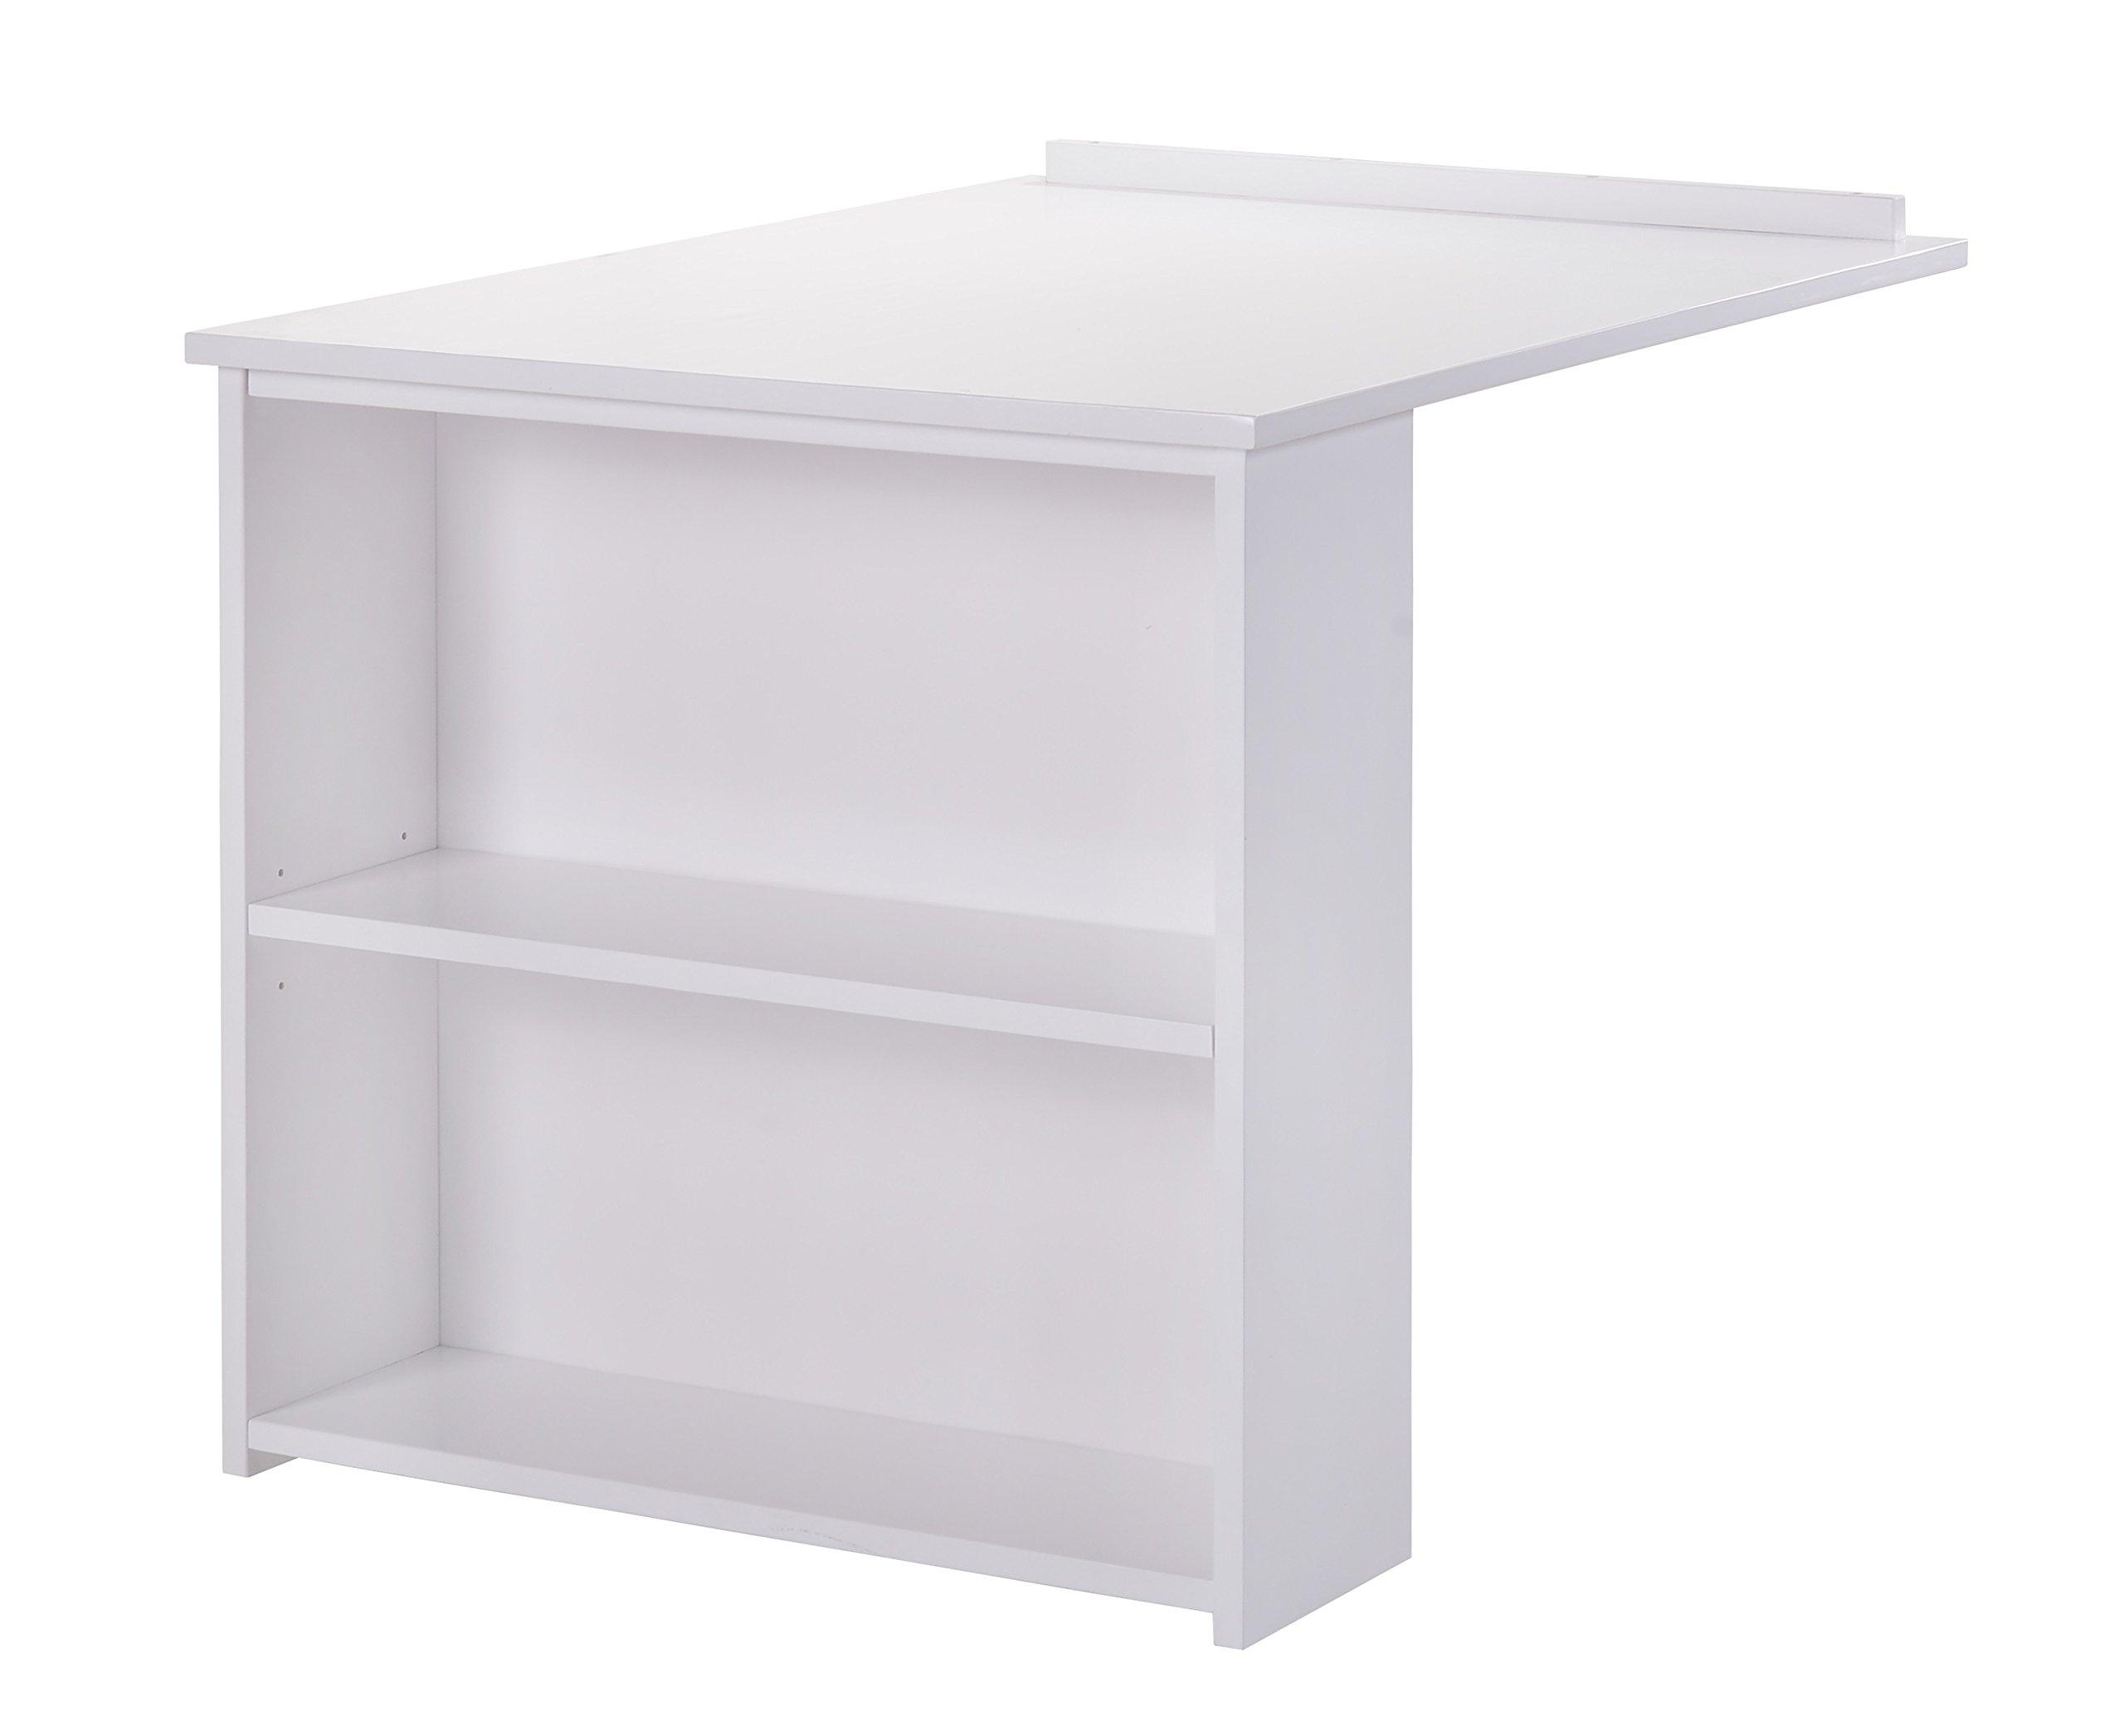 Whistler Junior Slide Out Desk - White